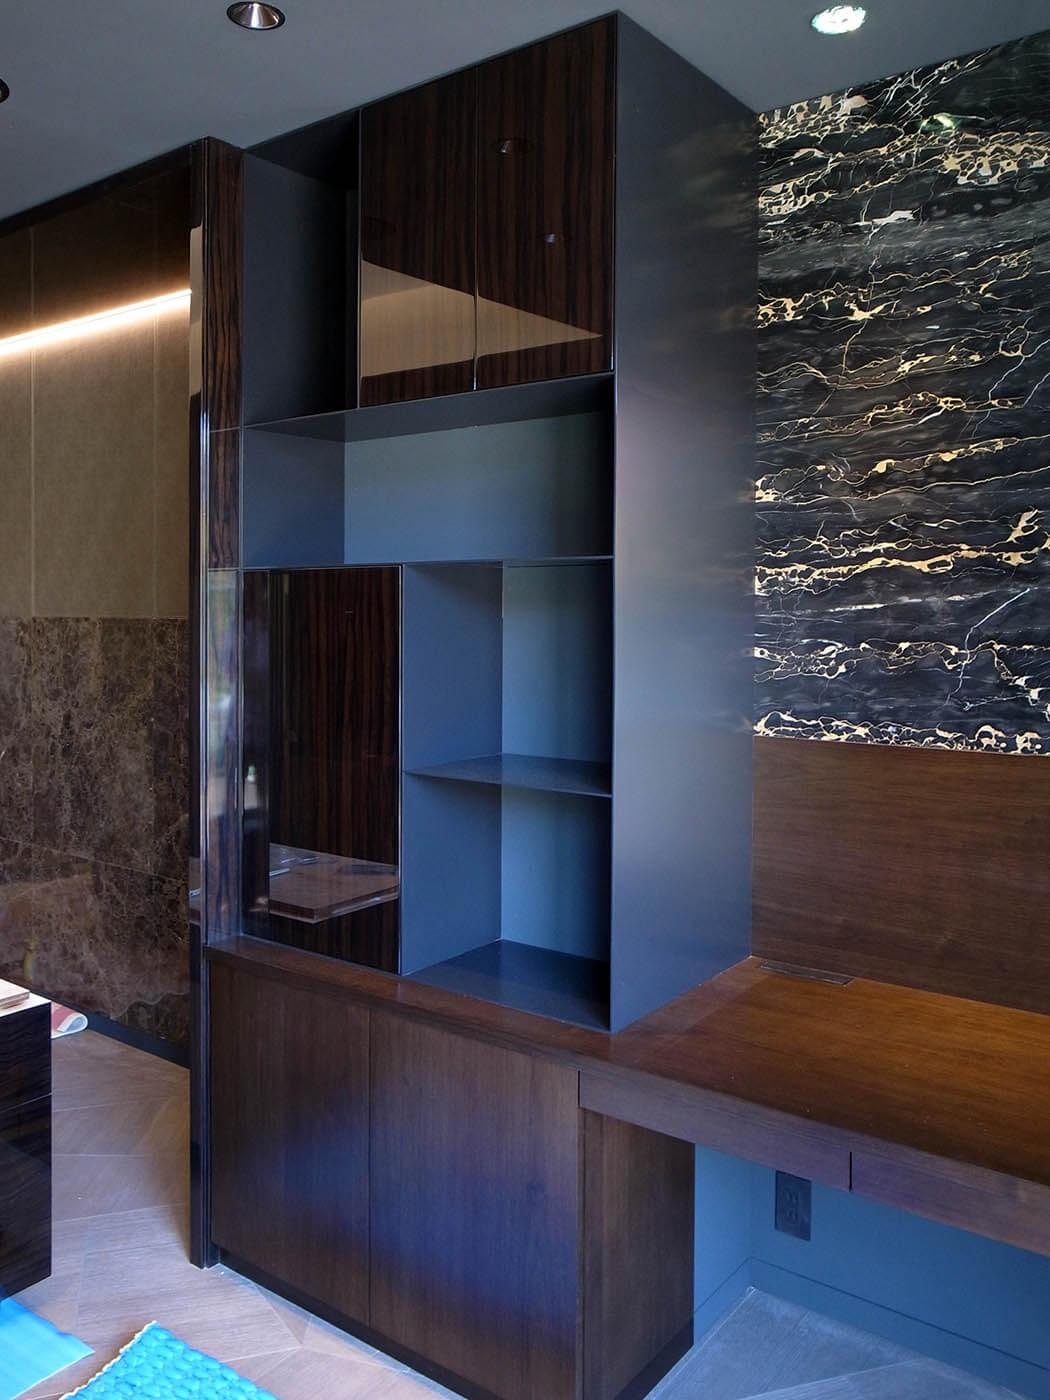 スチール製の棚を取り付けた寝室書斎コーナー家具